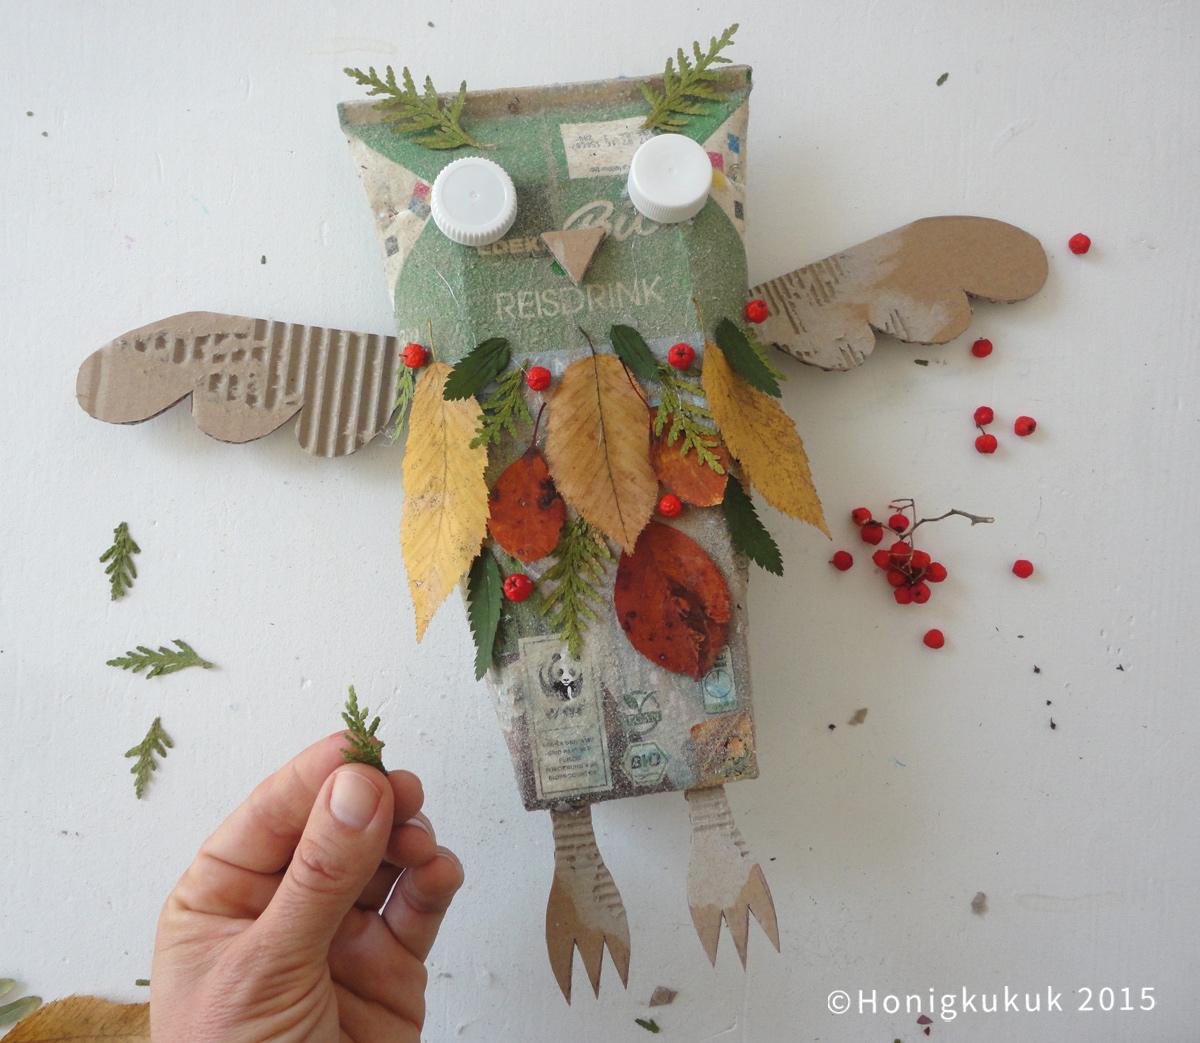 Eule wird mit bunten Blättern und Vogelbeeren beklebt